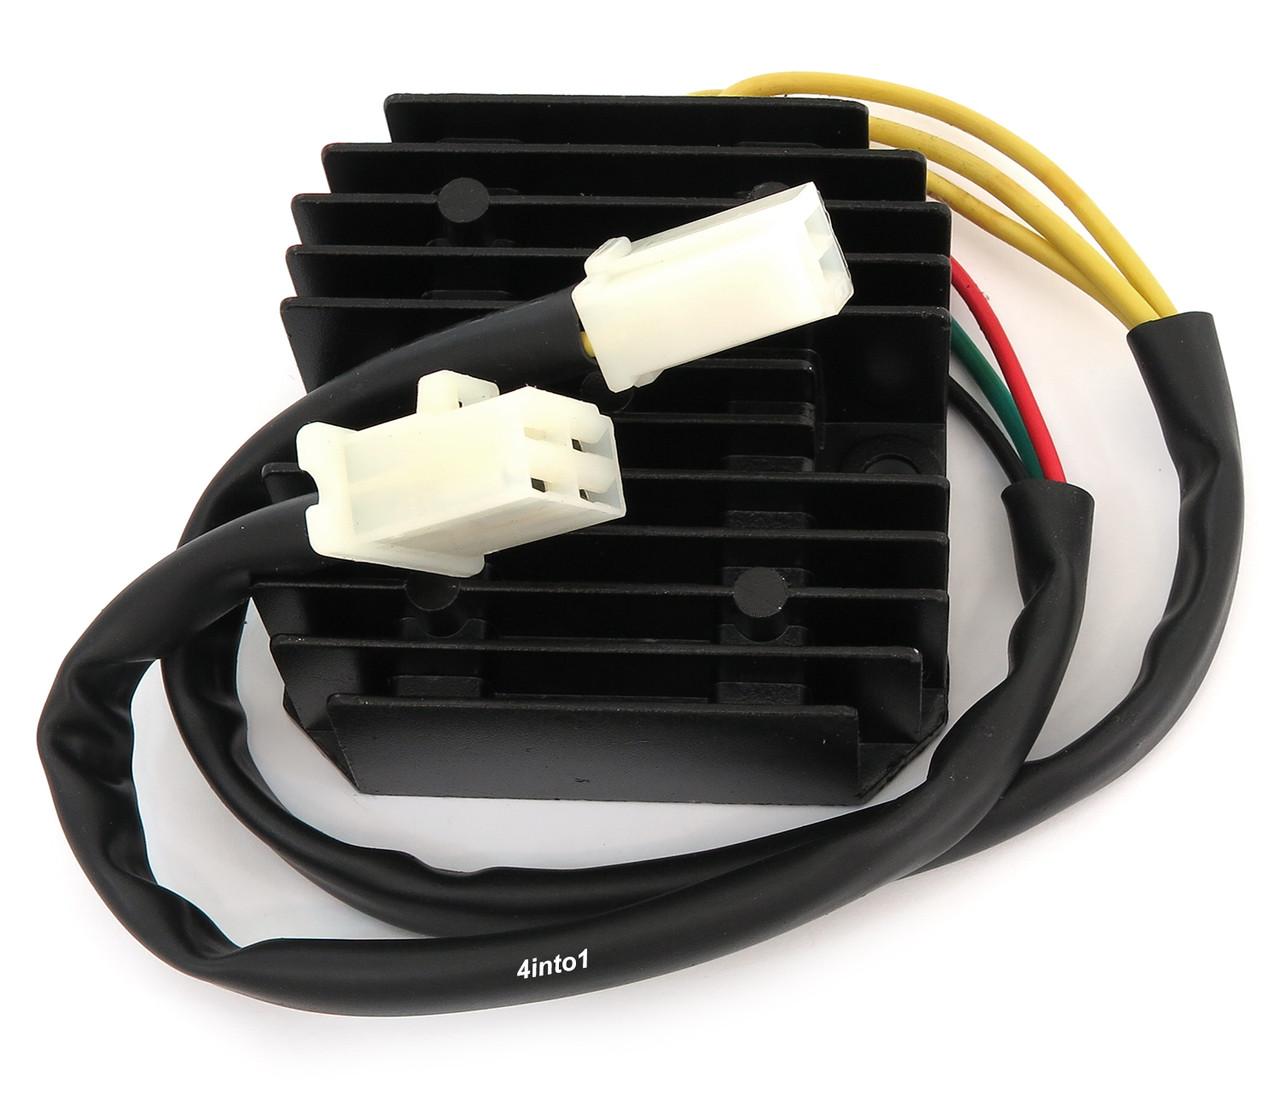 Regulator / Rectifier - Lithium & Lead Acid - Honda CM200 CB/CM400/450 FT/ GB5004into1.com